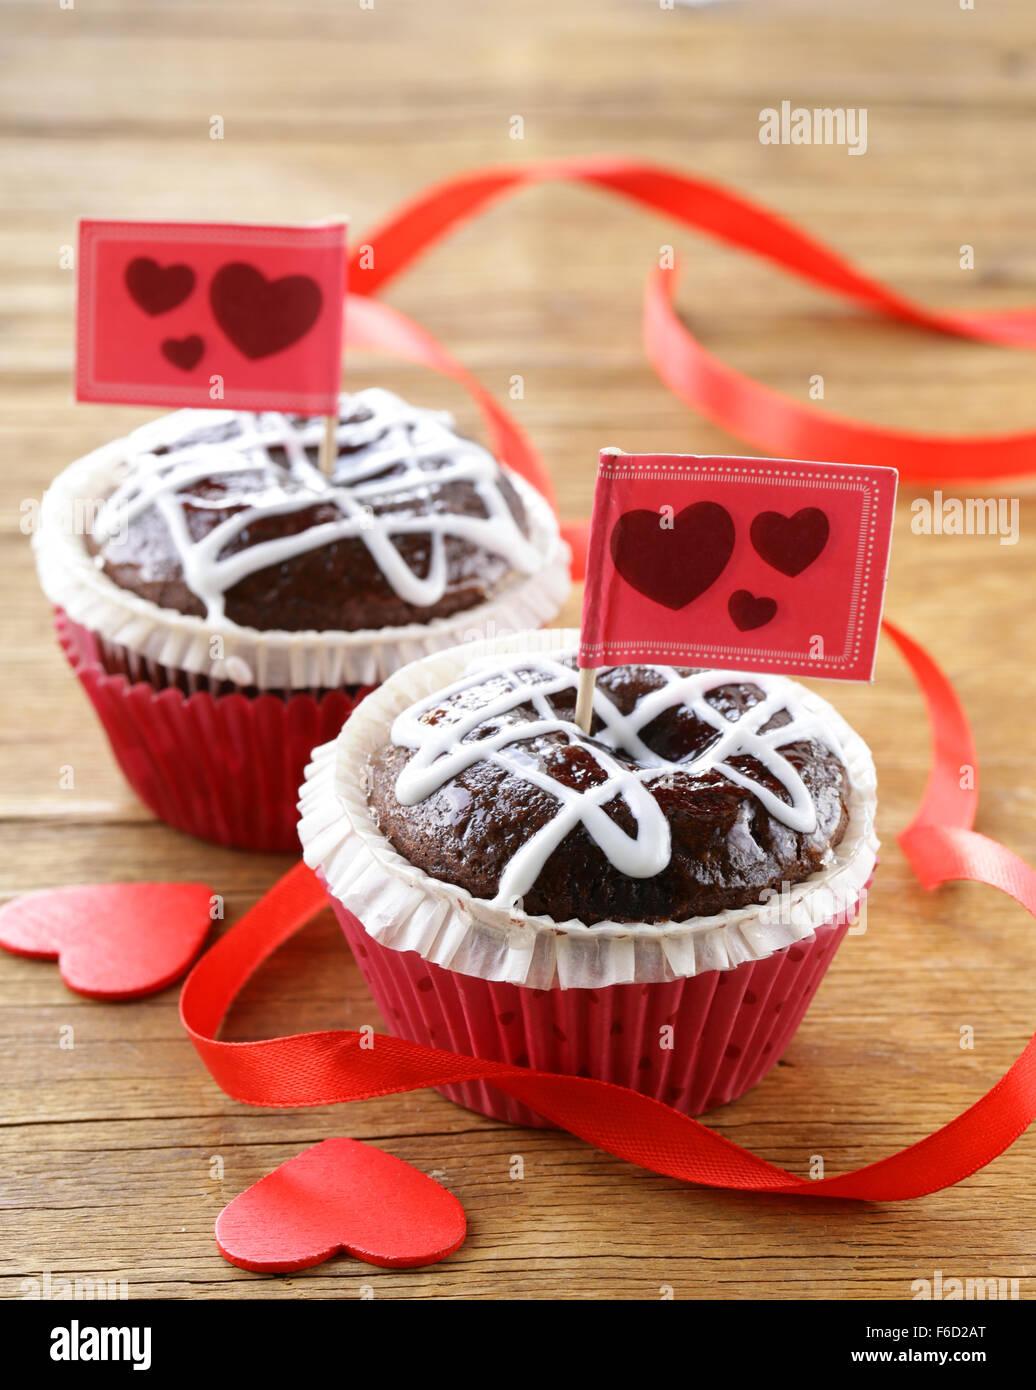 Festliche Kuchen zum Valentinstag, Schoko-Muffin mit roten Herzen Stockbild